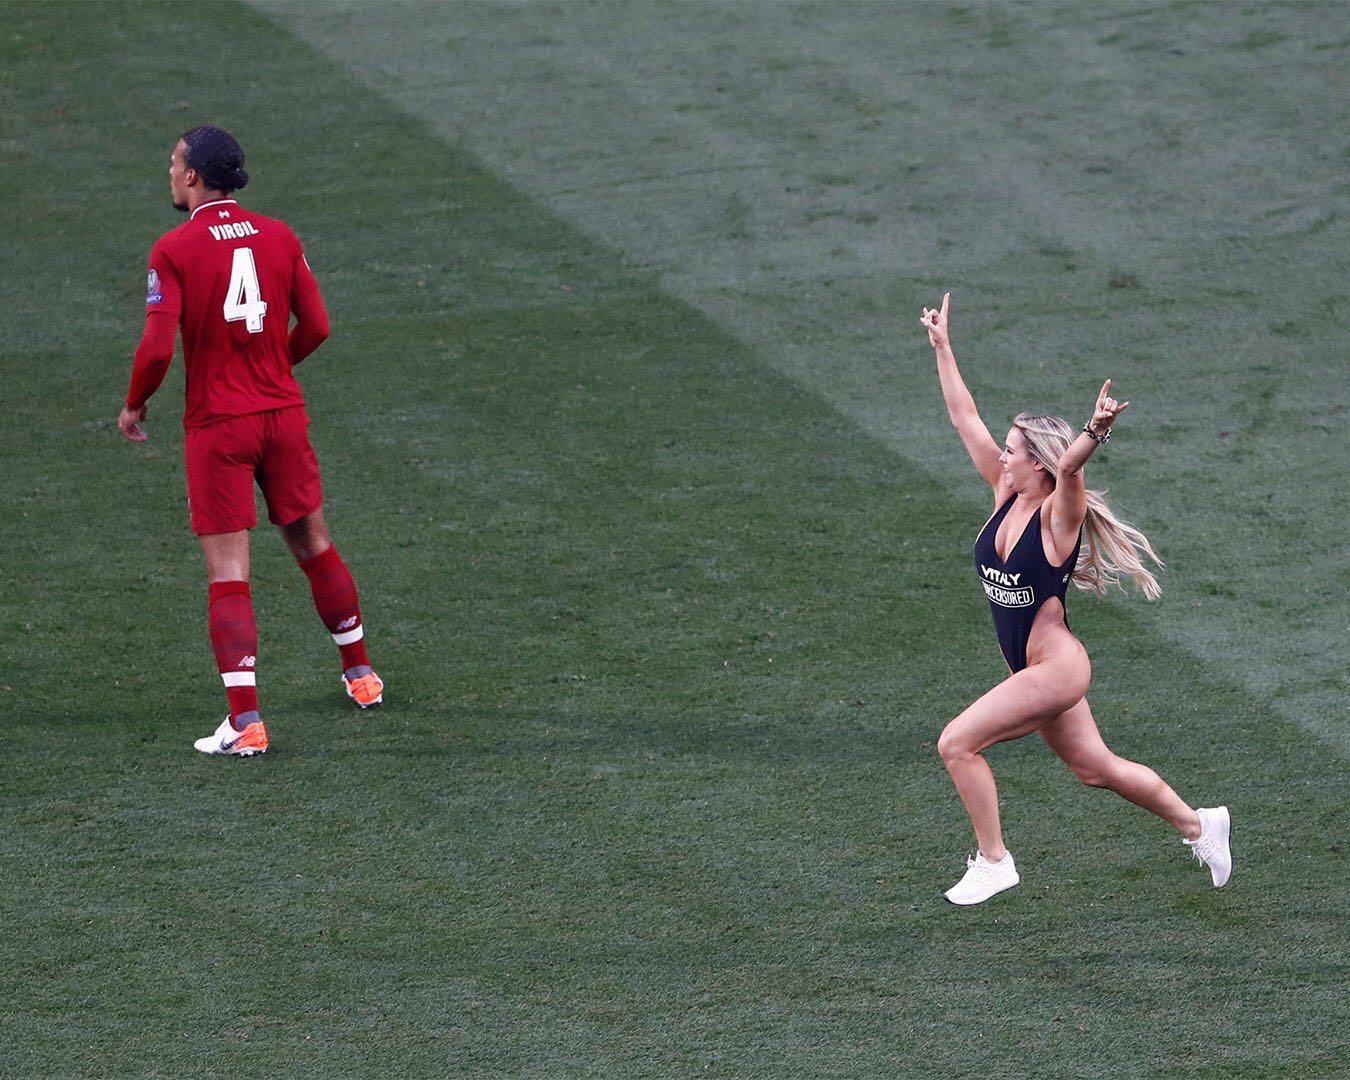 """欧冠决赛,高叉泳装女球迷闯入球场,大家看了一场假""""球"""""""